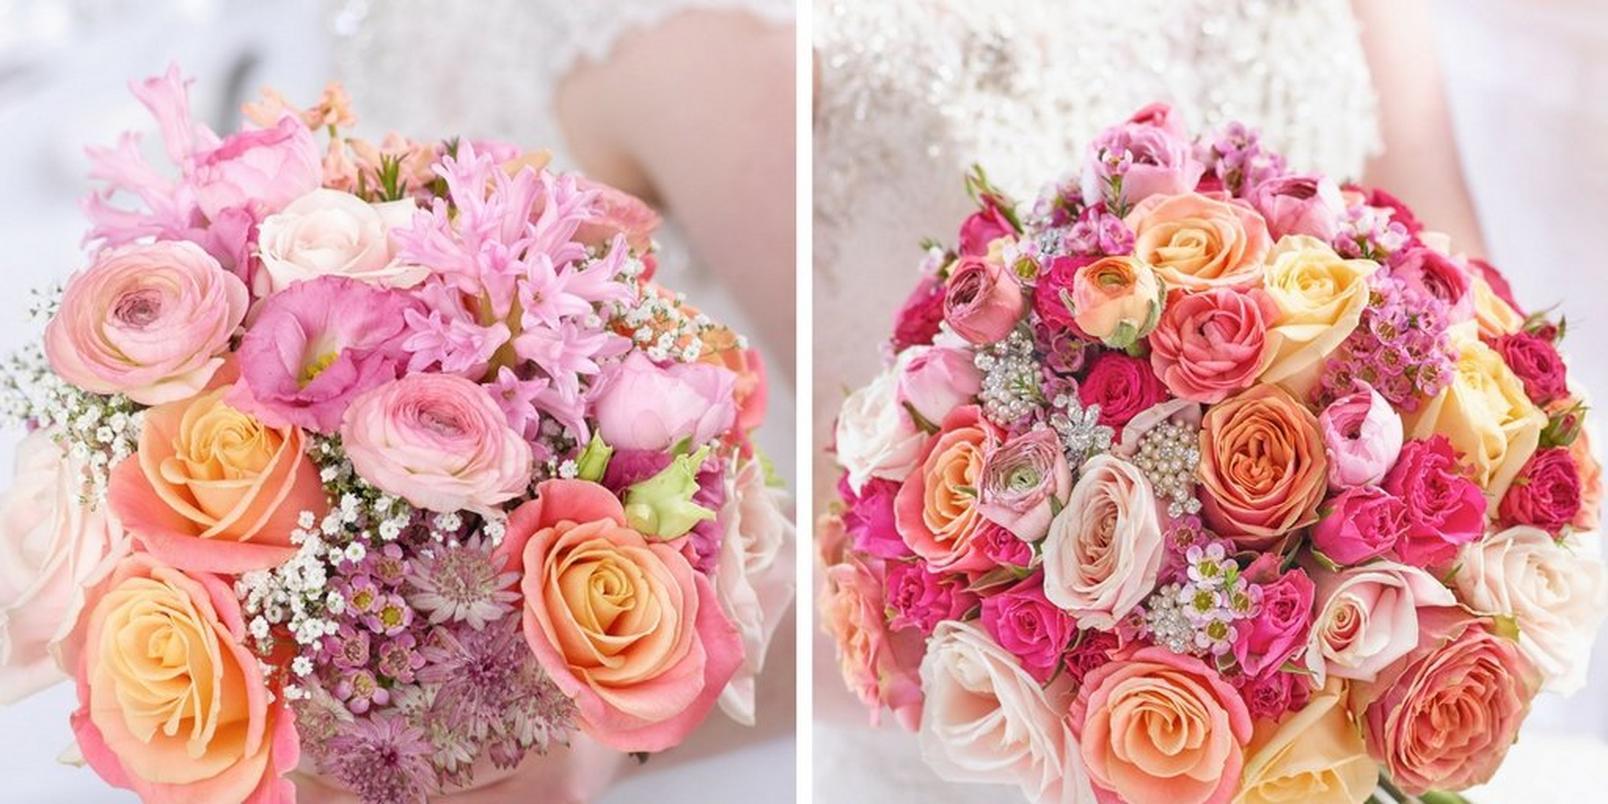 budget-wedding-flowers-split1